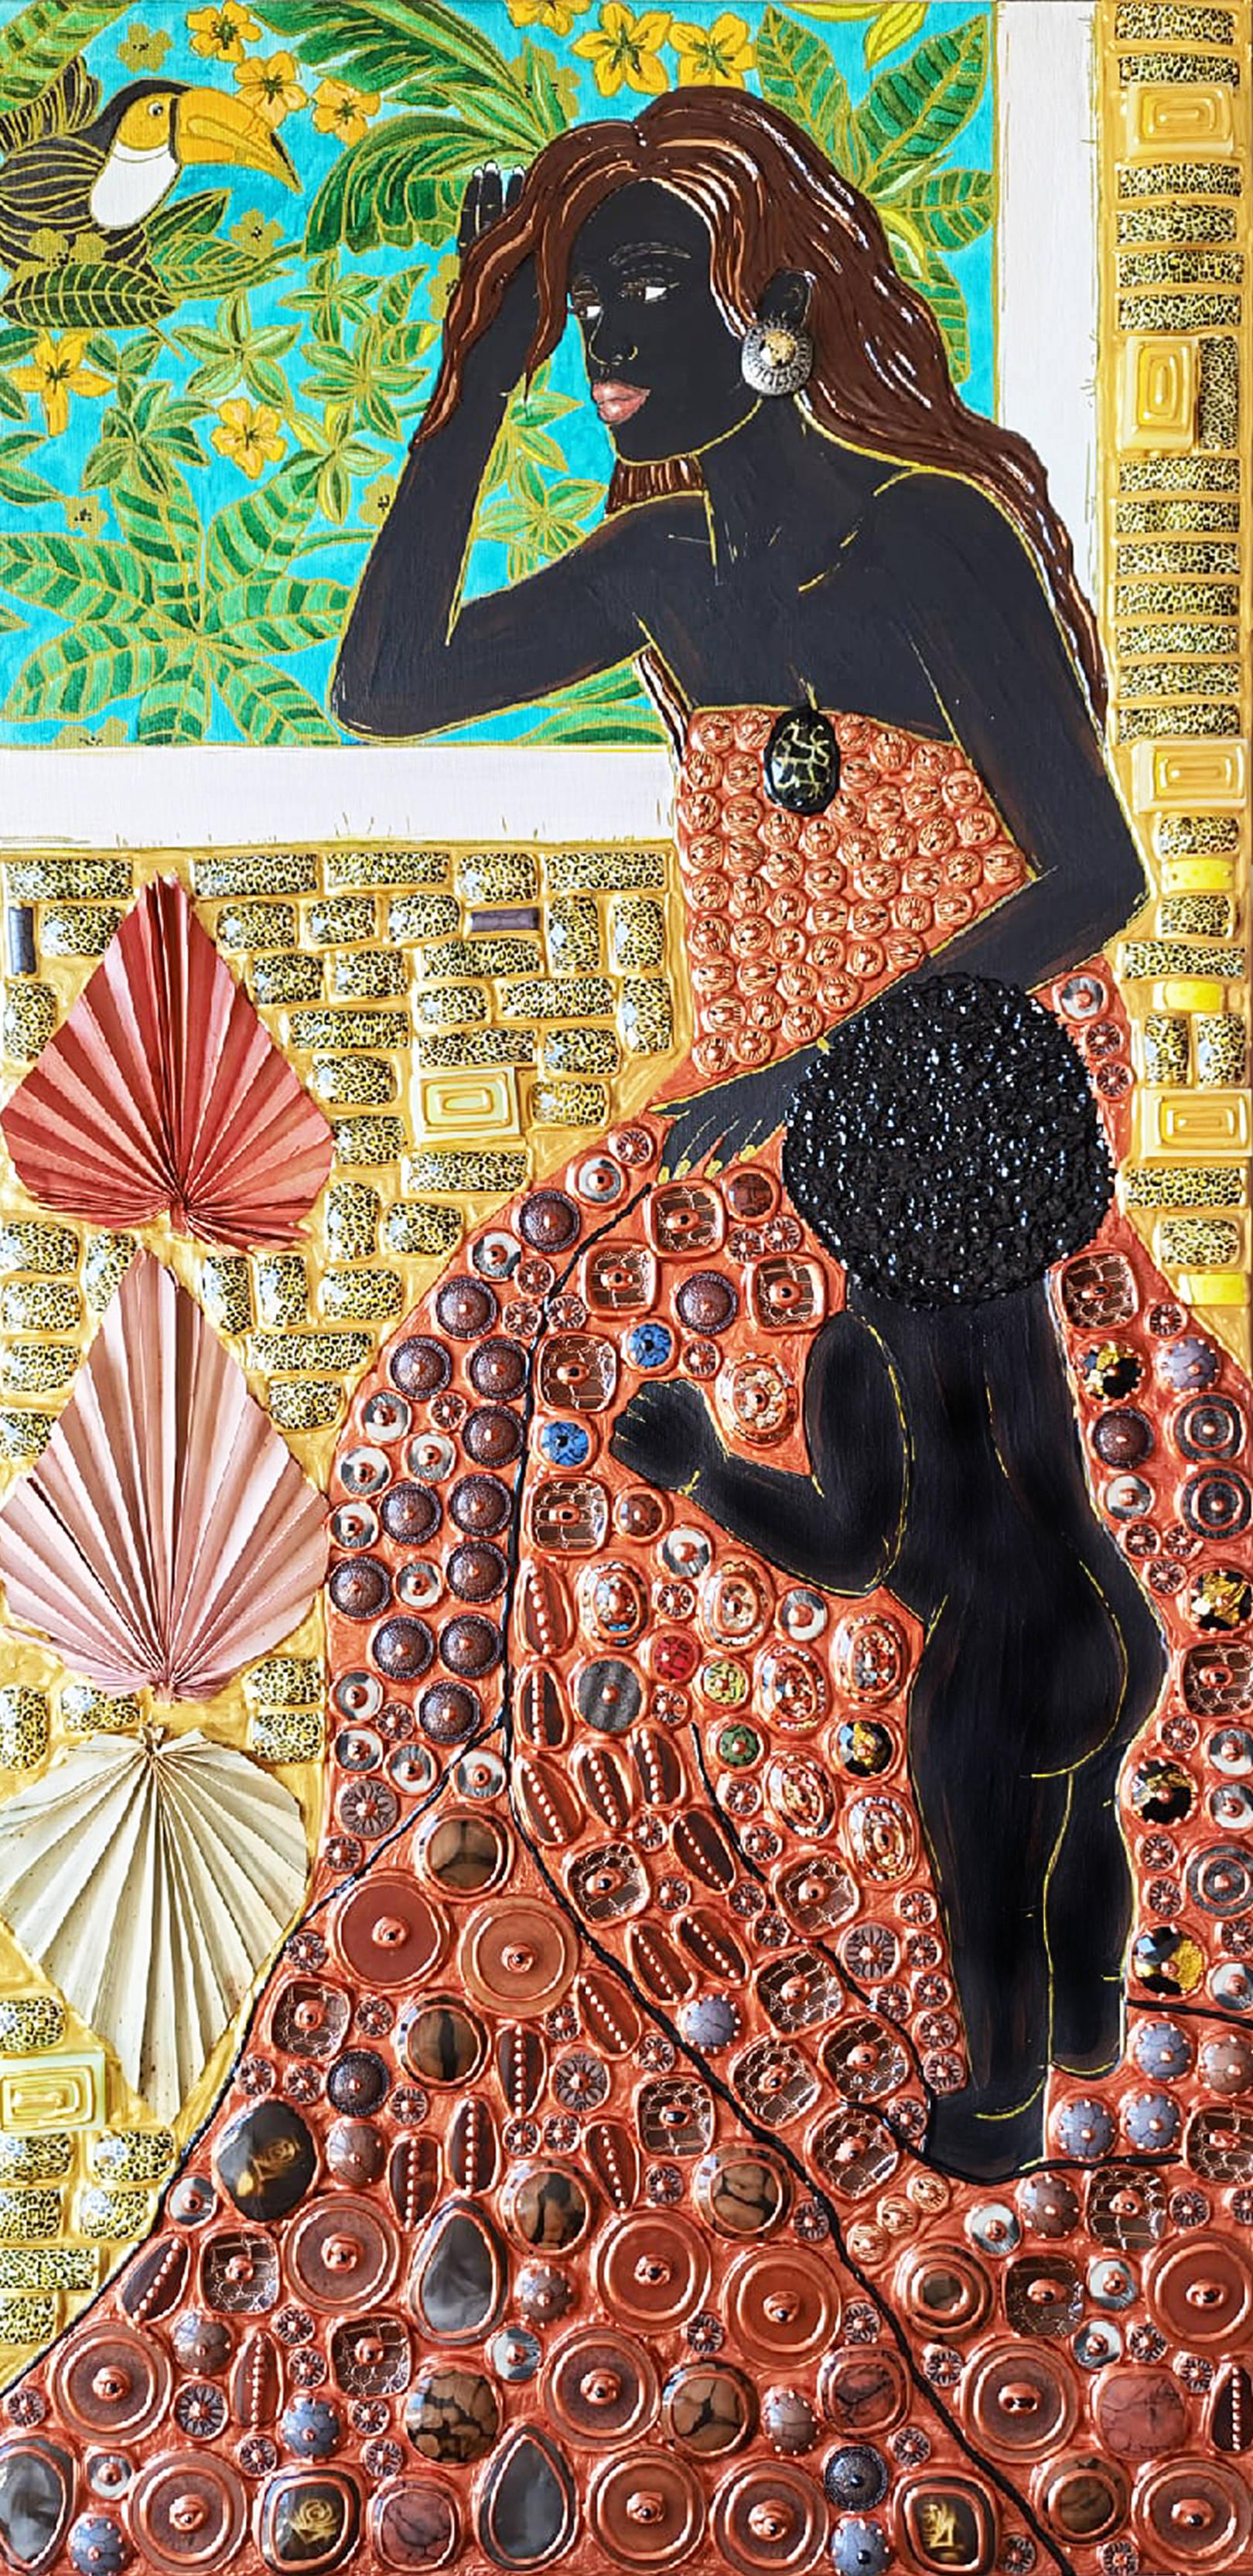 Акрил, холст, акриловая, деревянная стеклянная мозаика, декоративные элементы, натуральные сухие пальмовые листья